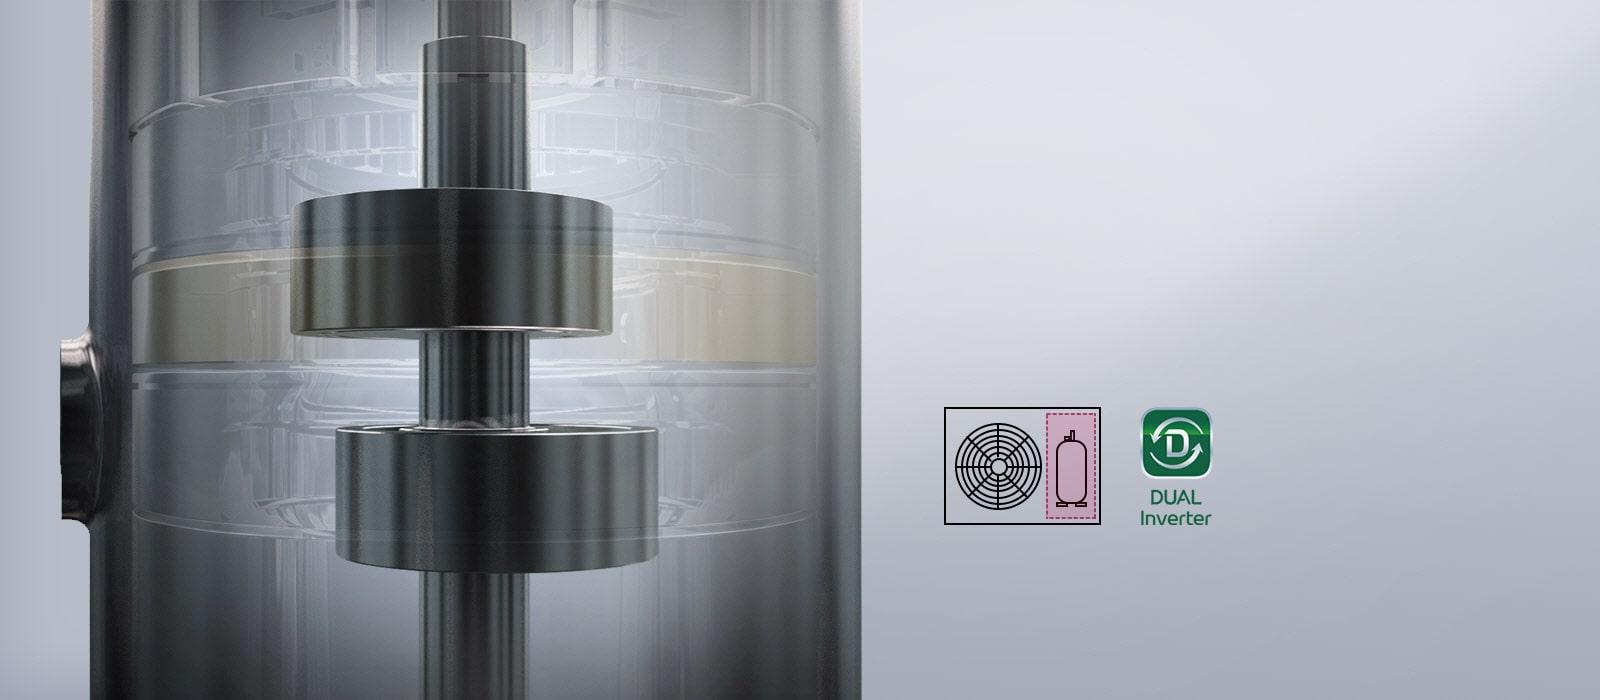 透過透明外殼,可見雙變頻壓縮機的內部工作原理。附近有雙變頻標誌,兩個圖示代表風扇和壓縮機。